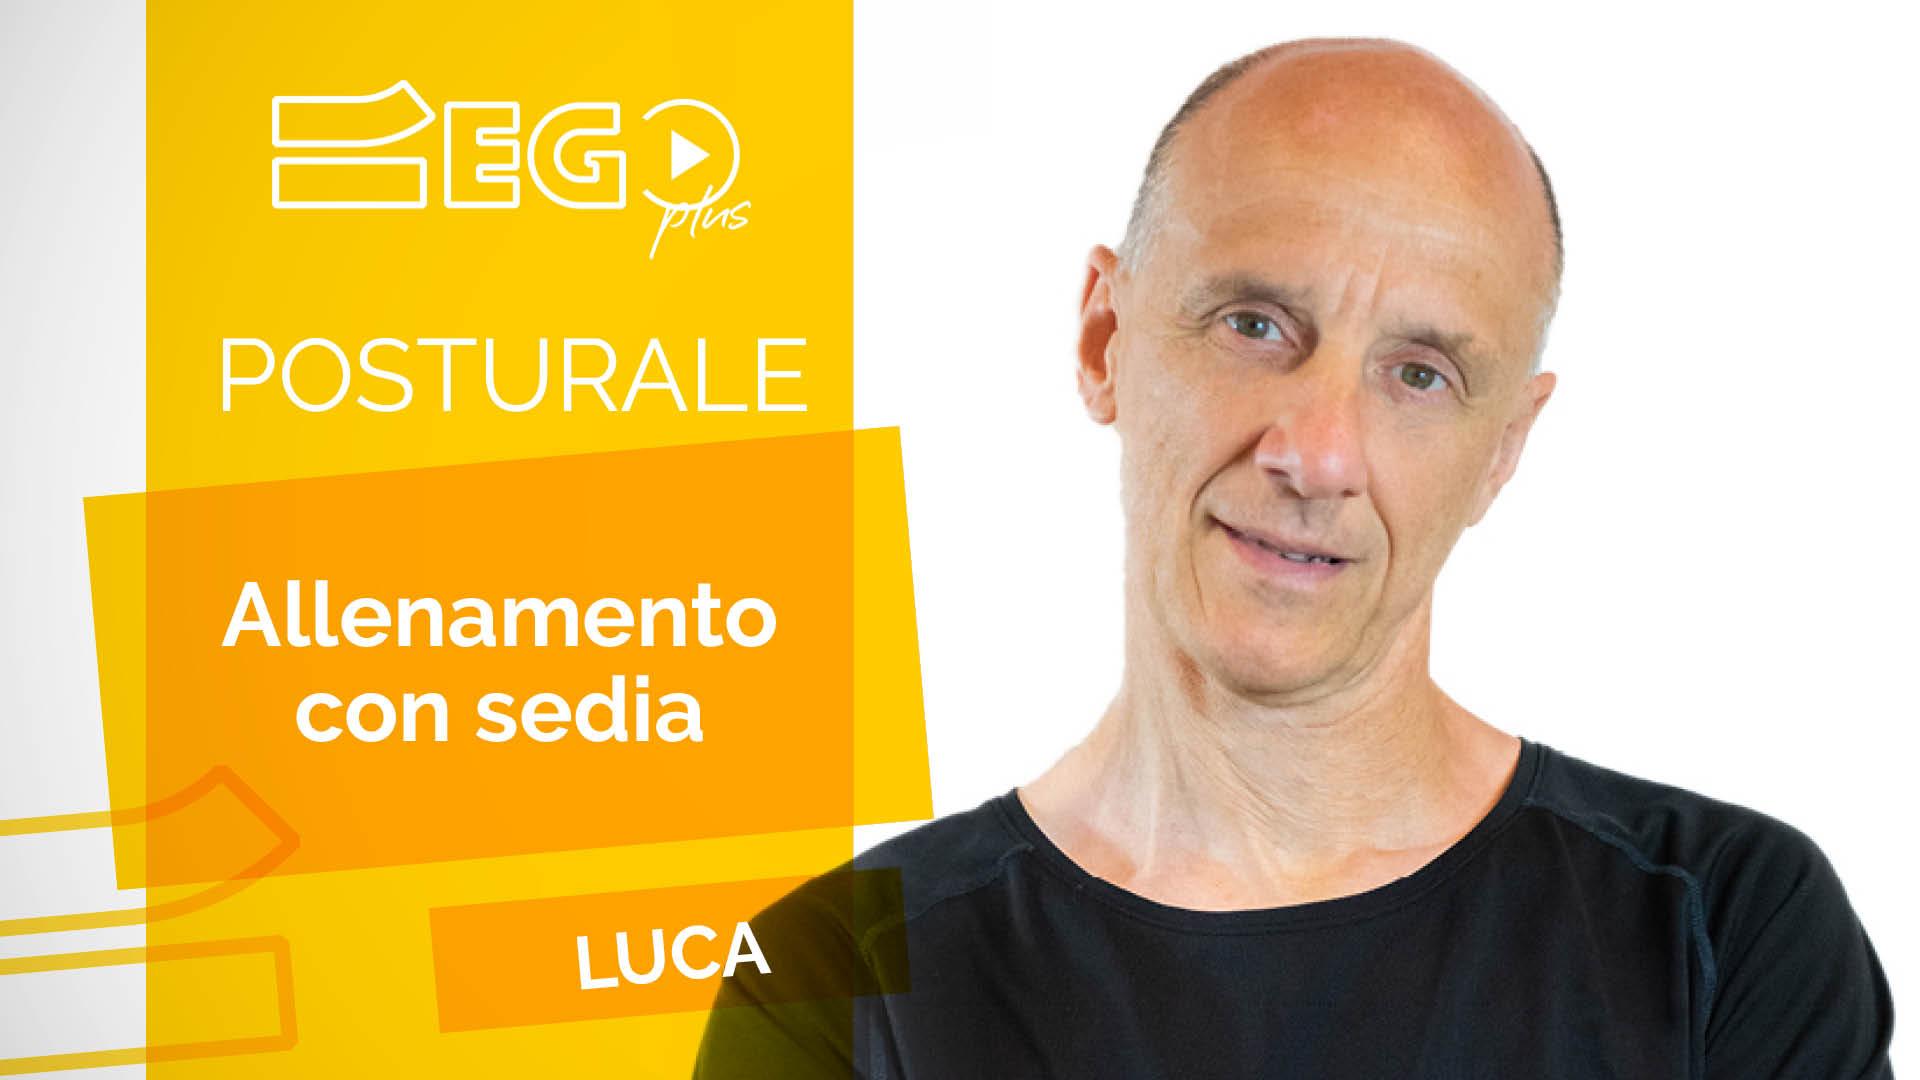 Posturale-Sedia-Luca